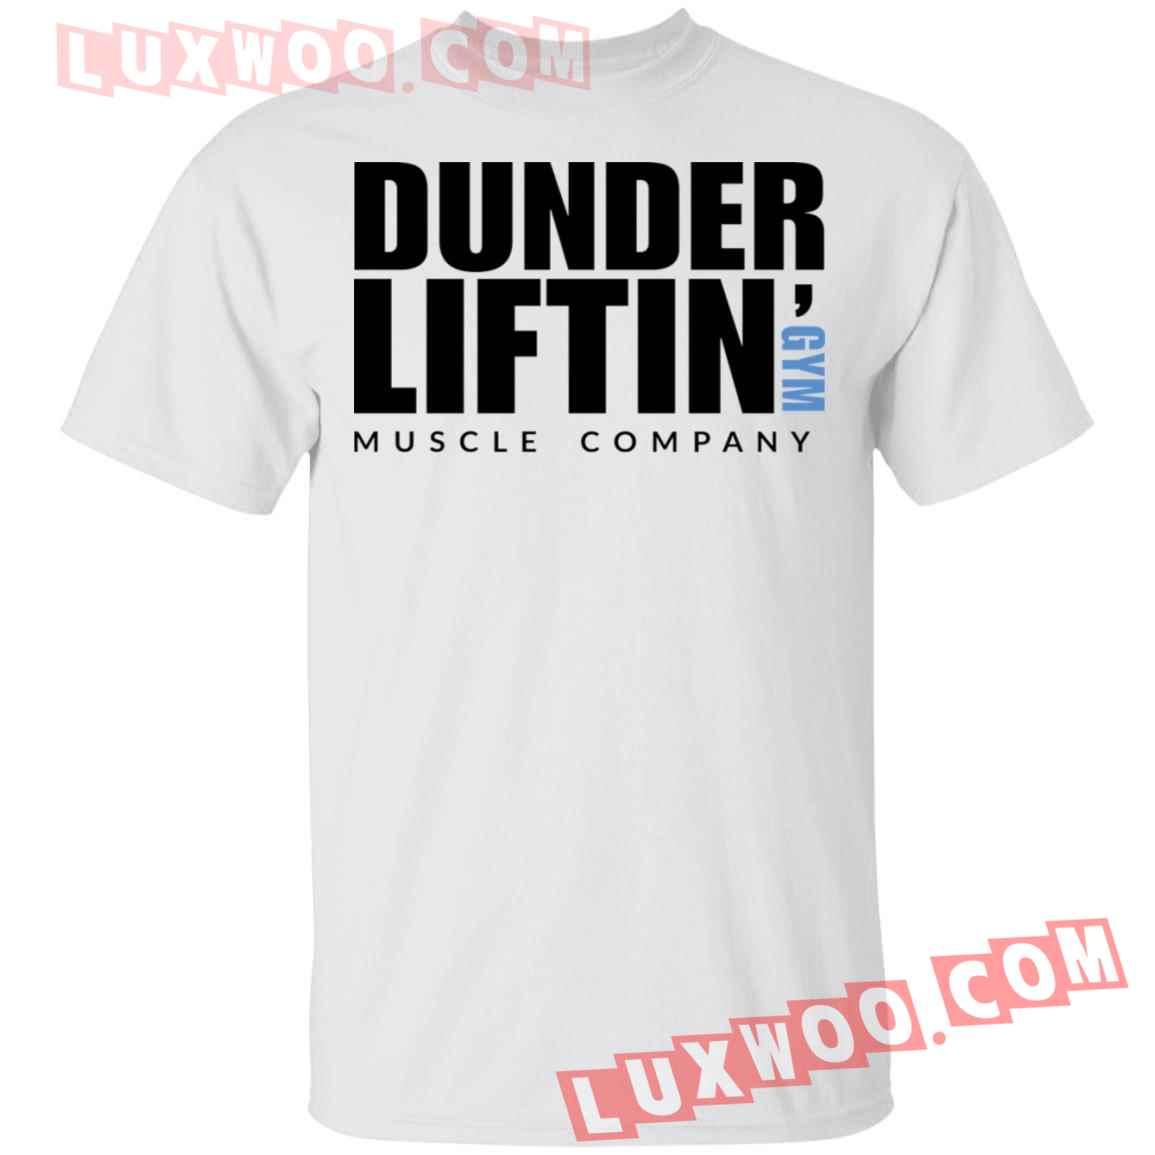 Dunder Lifting Shirt